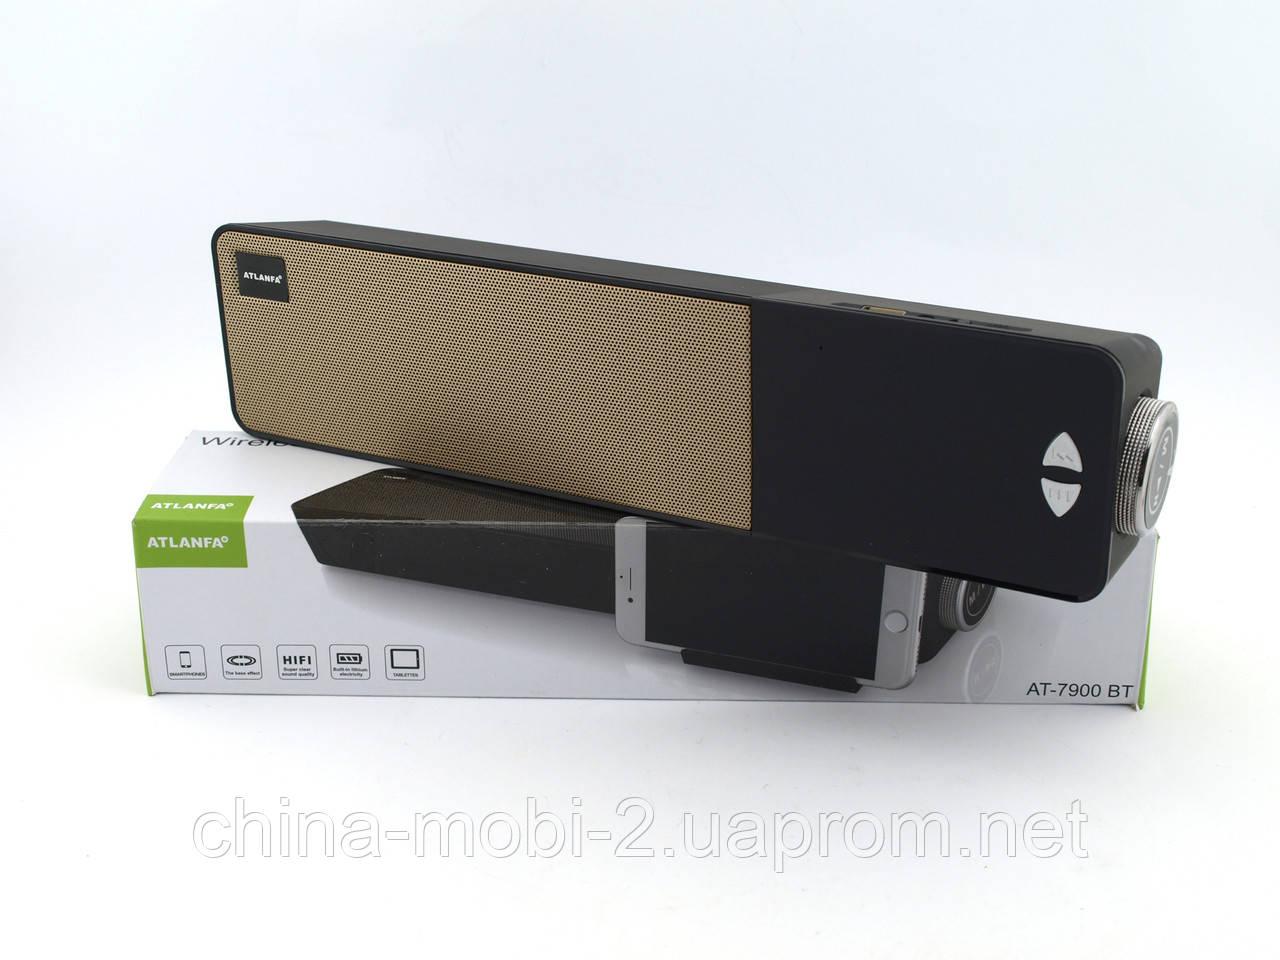 Atlanfa AT7900 Bluetooth колонка з годинником soundbar 5W, FM і MP3, чорна з золотом